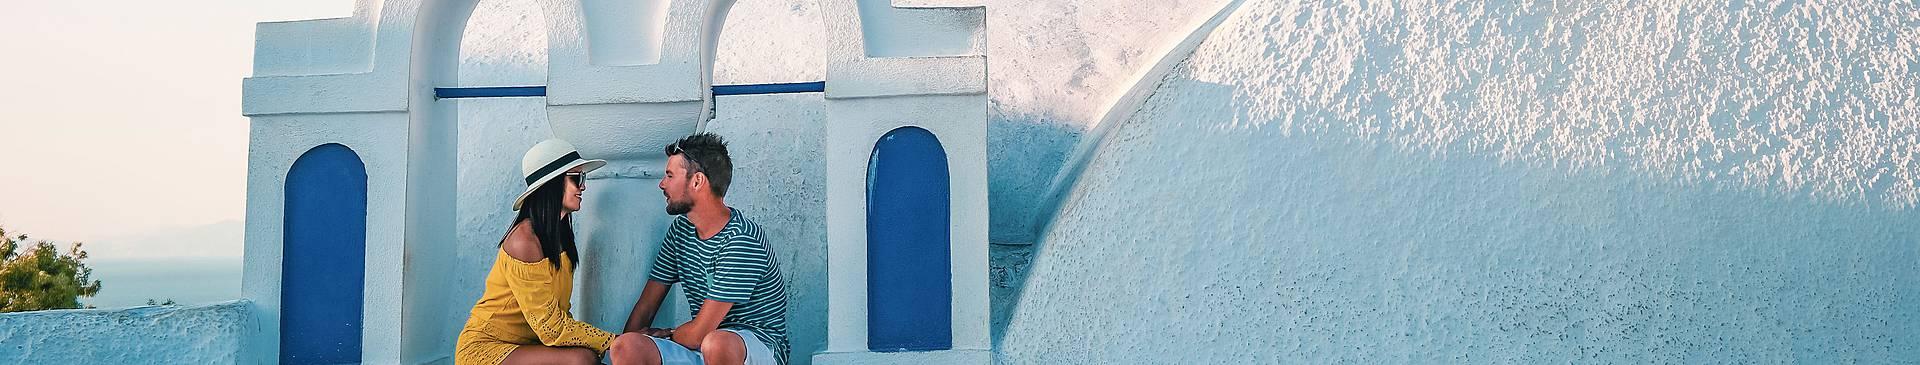 Hochzeitsreise Griechenland Reisen